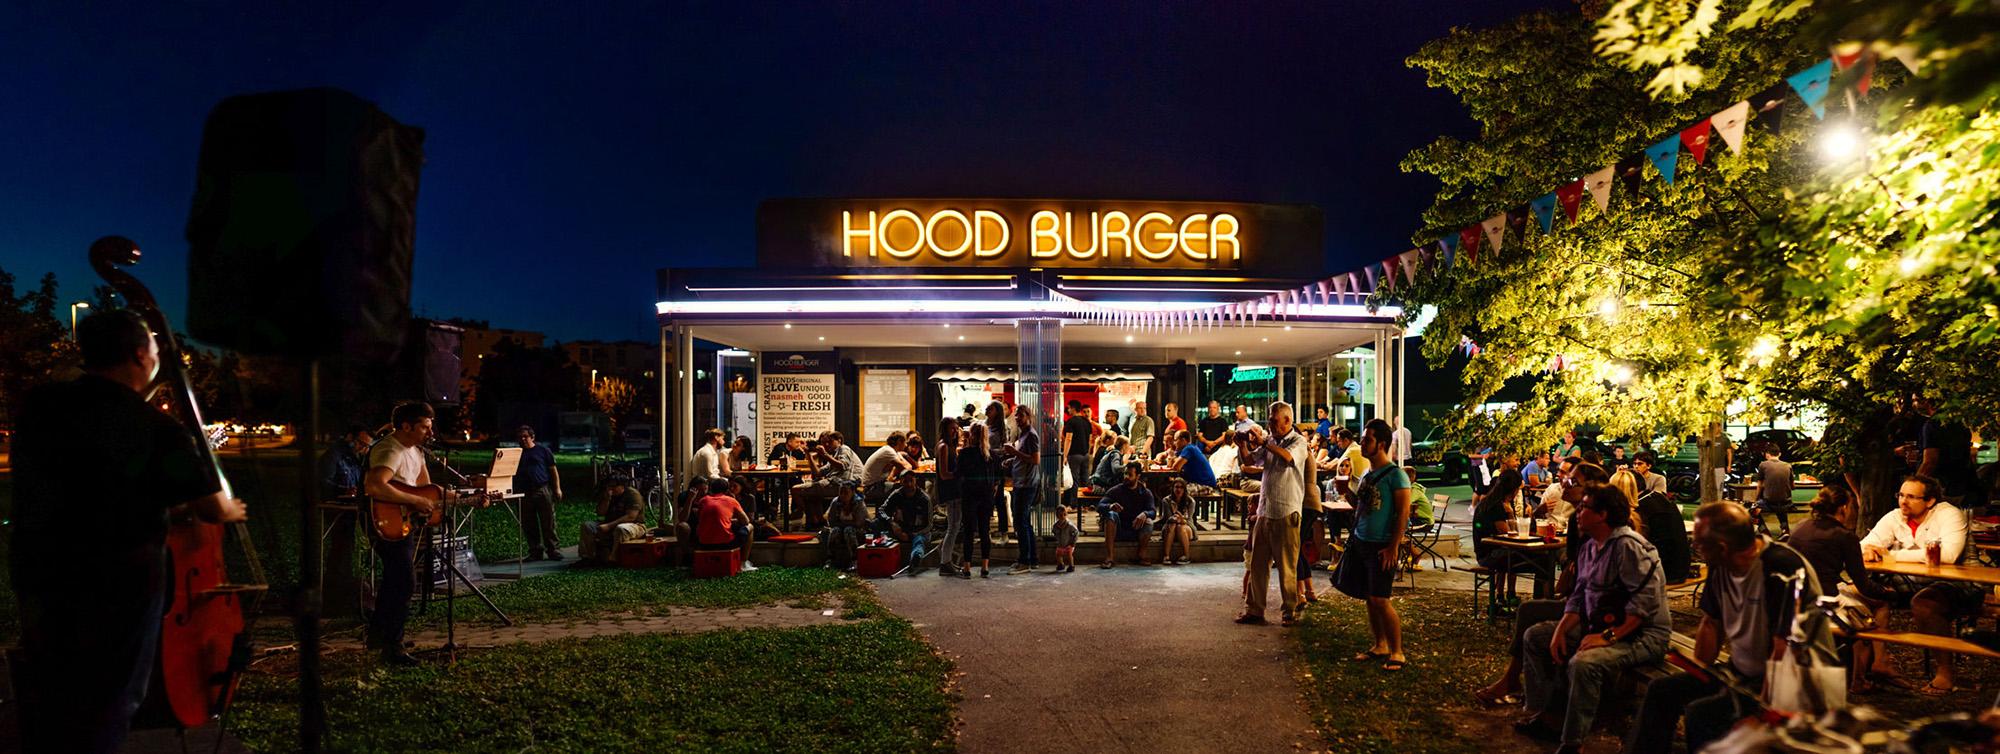 hood burger btc